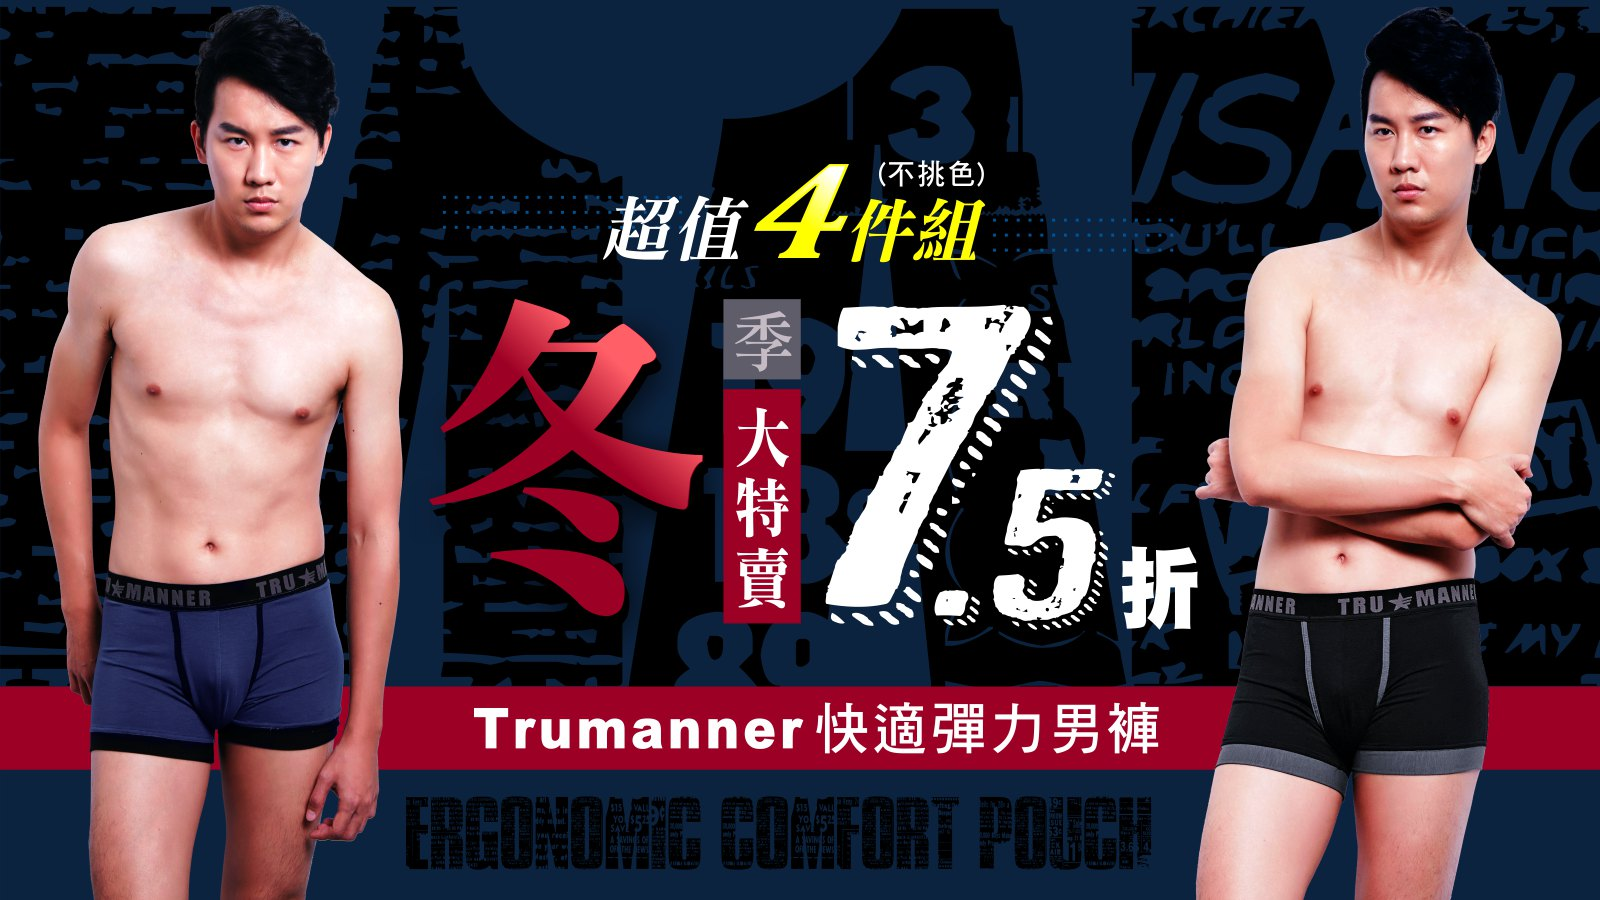 Trumanner快適彈力中腰男褲冬季特賣